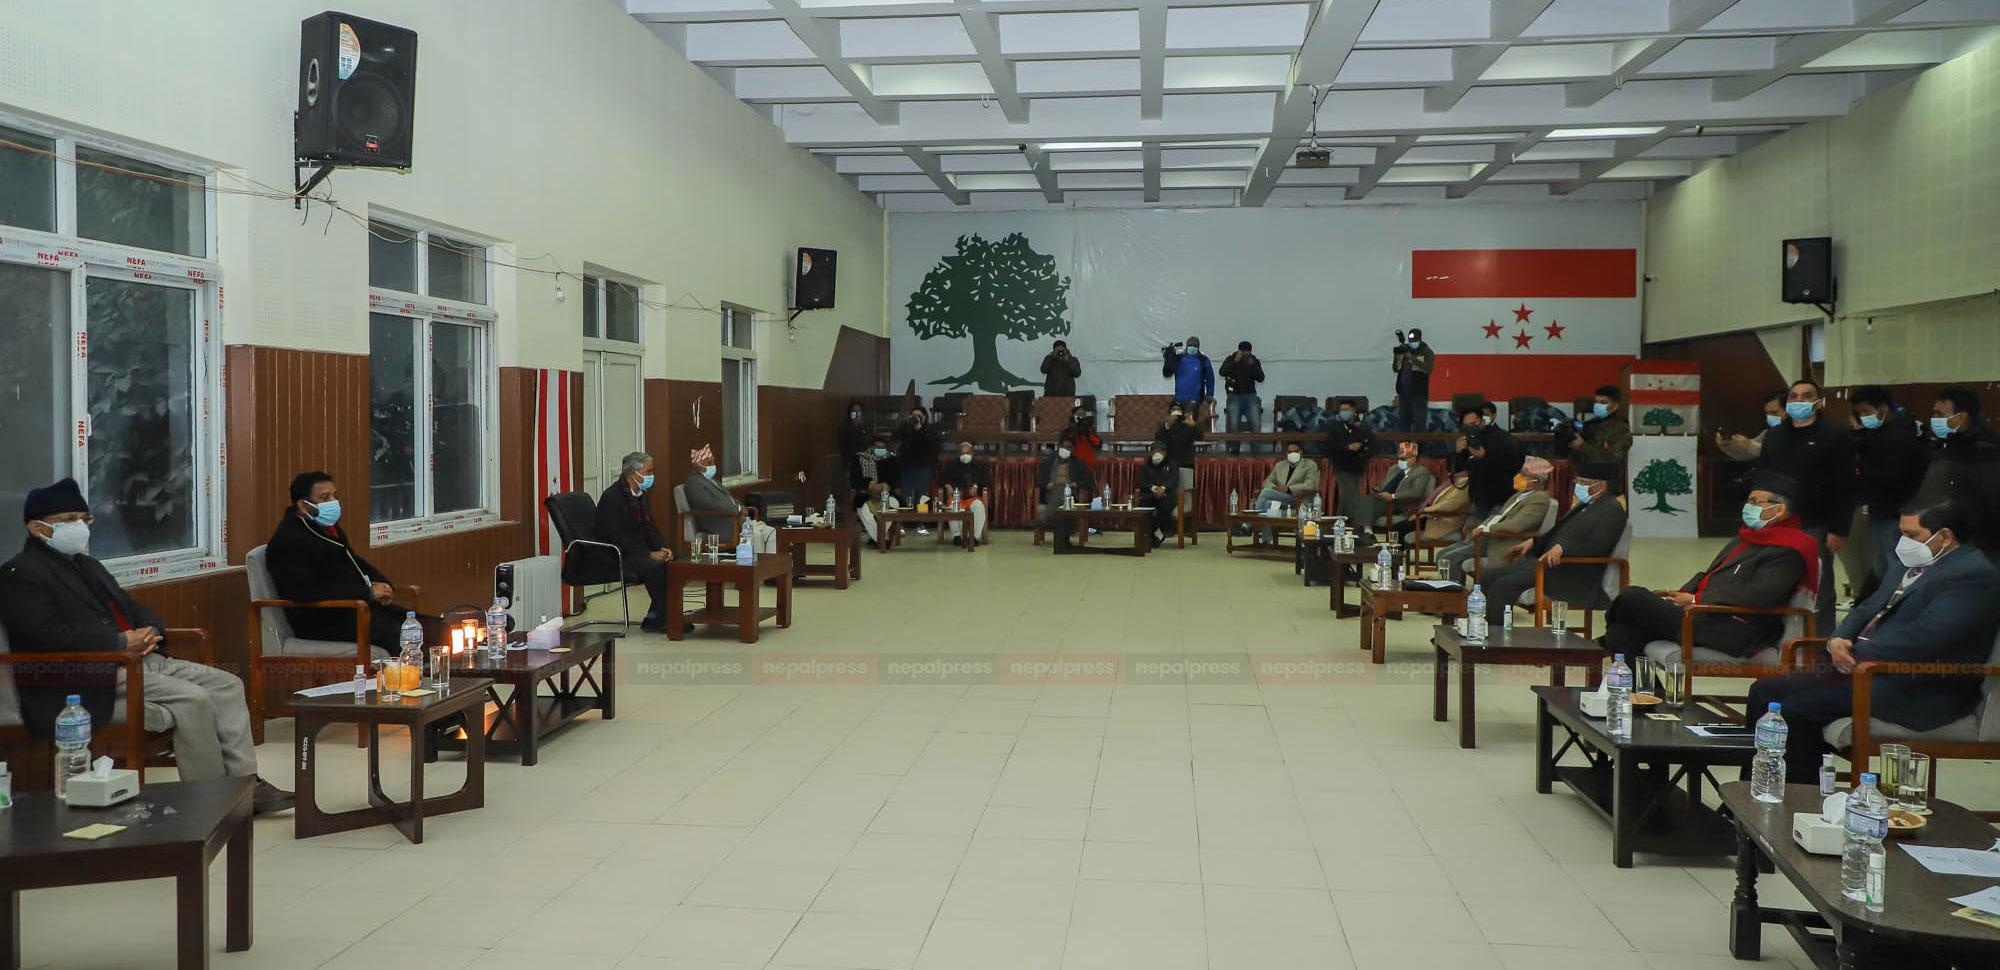 यस्तो देखियो सर्वदलीय बैठक (फोटो फिचर)